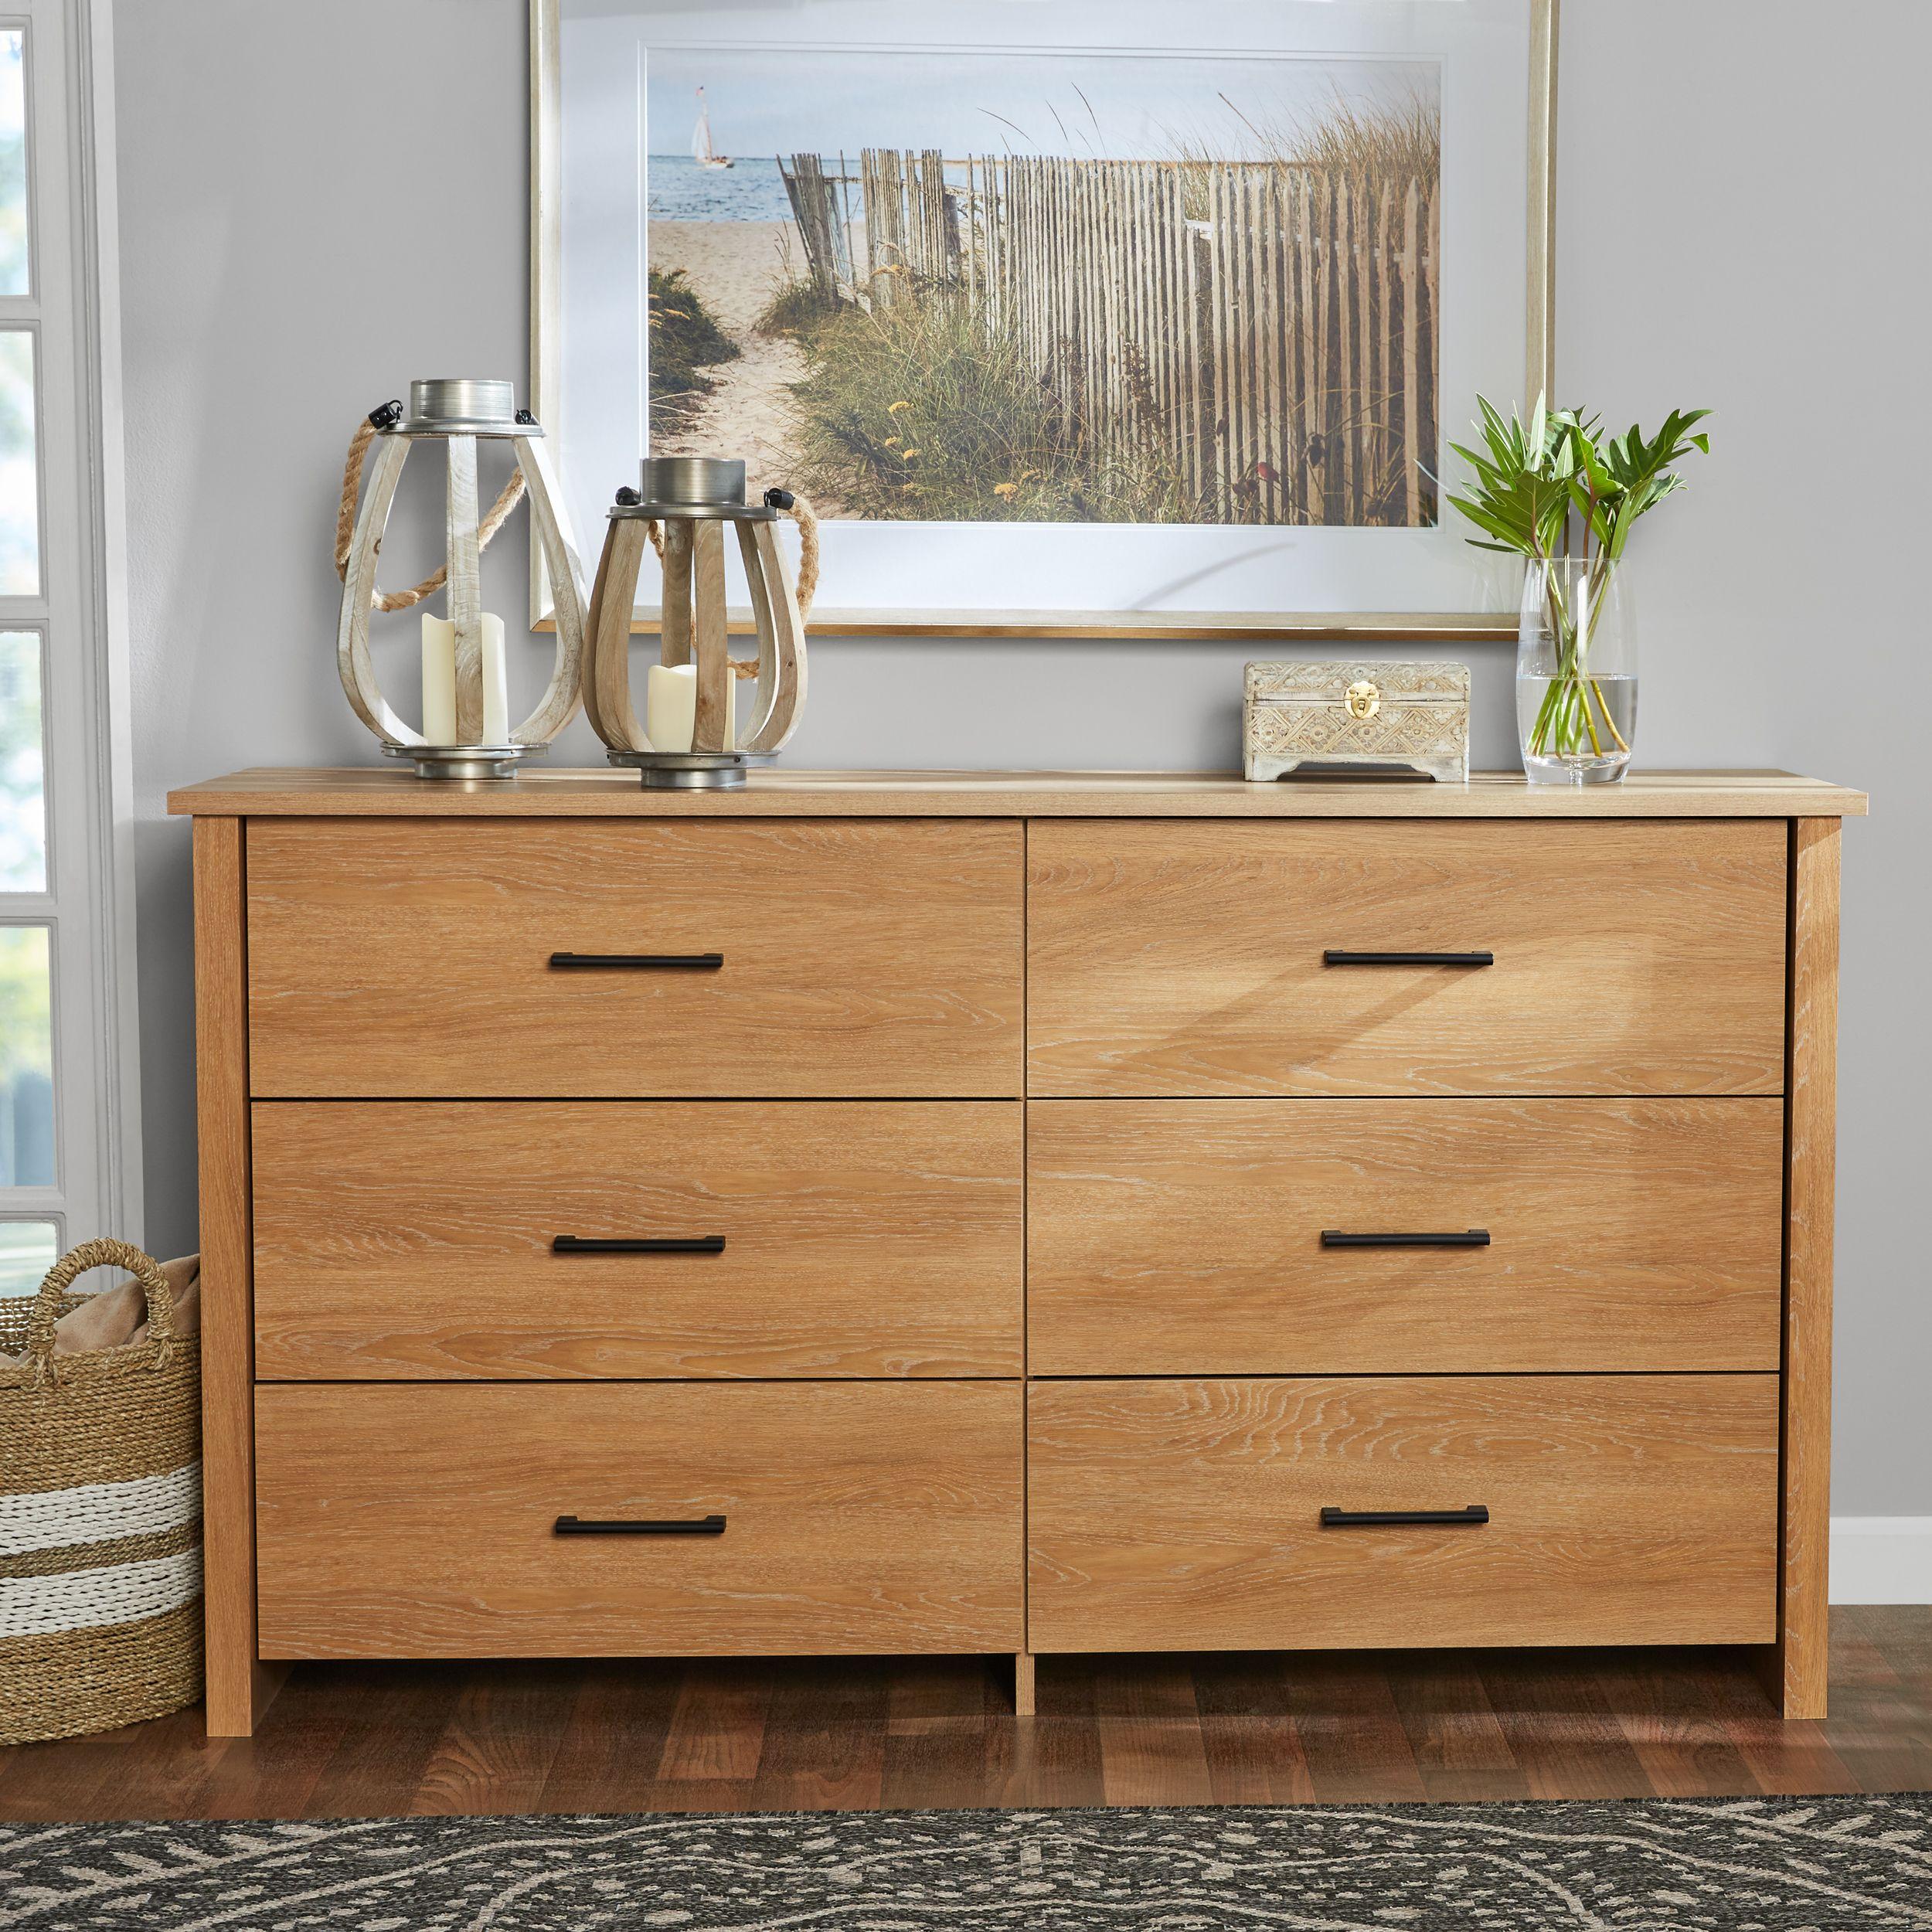 Mainstays Hillside 6 Drawer Dresser Dover Oak Finish Walmart Com Oak Bedroom Furniture Dresser Drawers 6 Drawer Dresser Dresser with lots of drawers